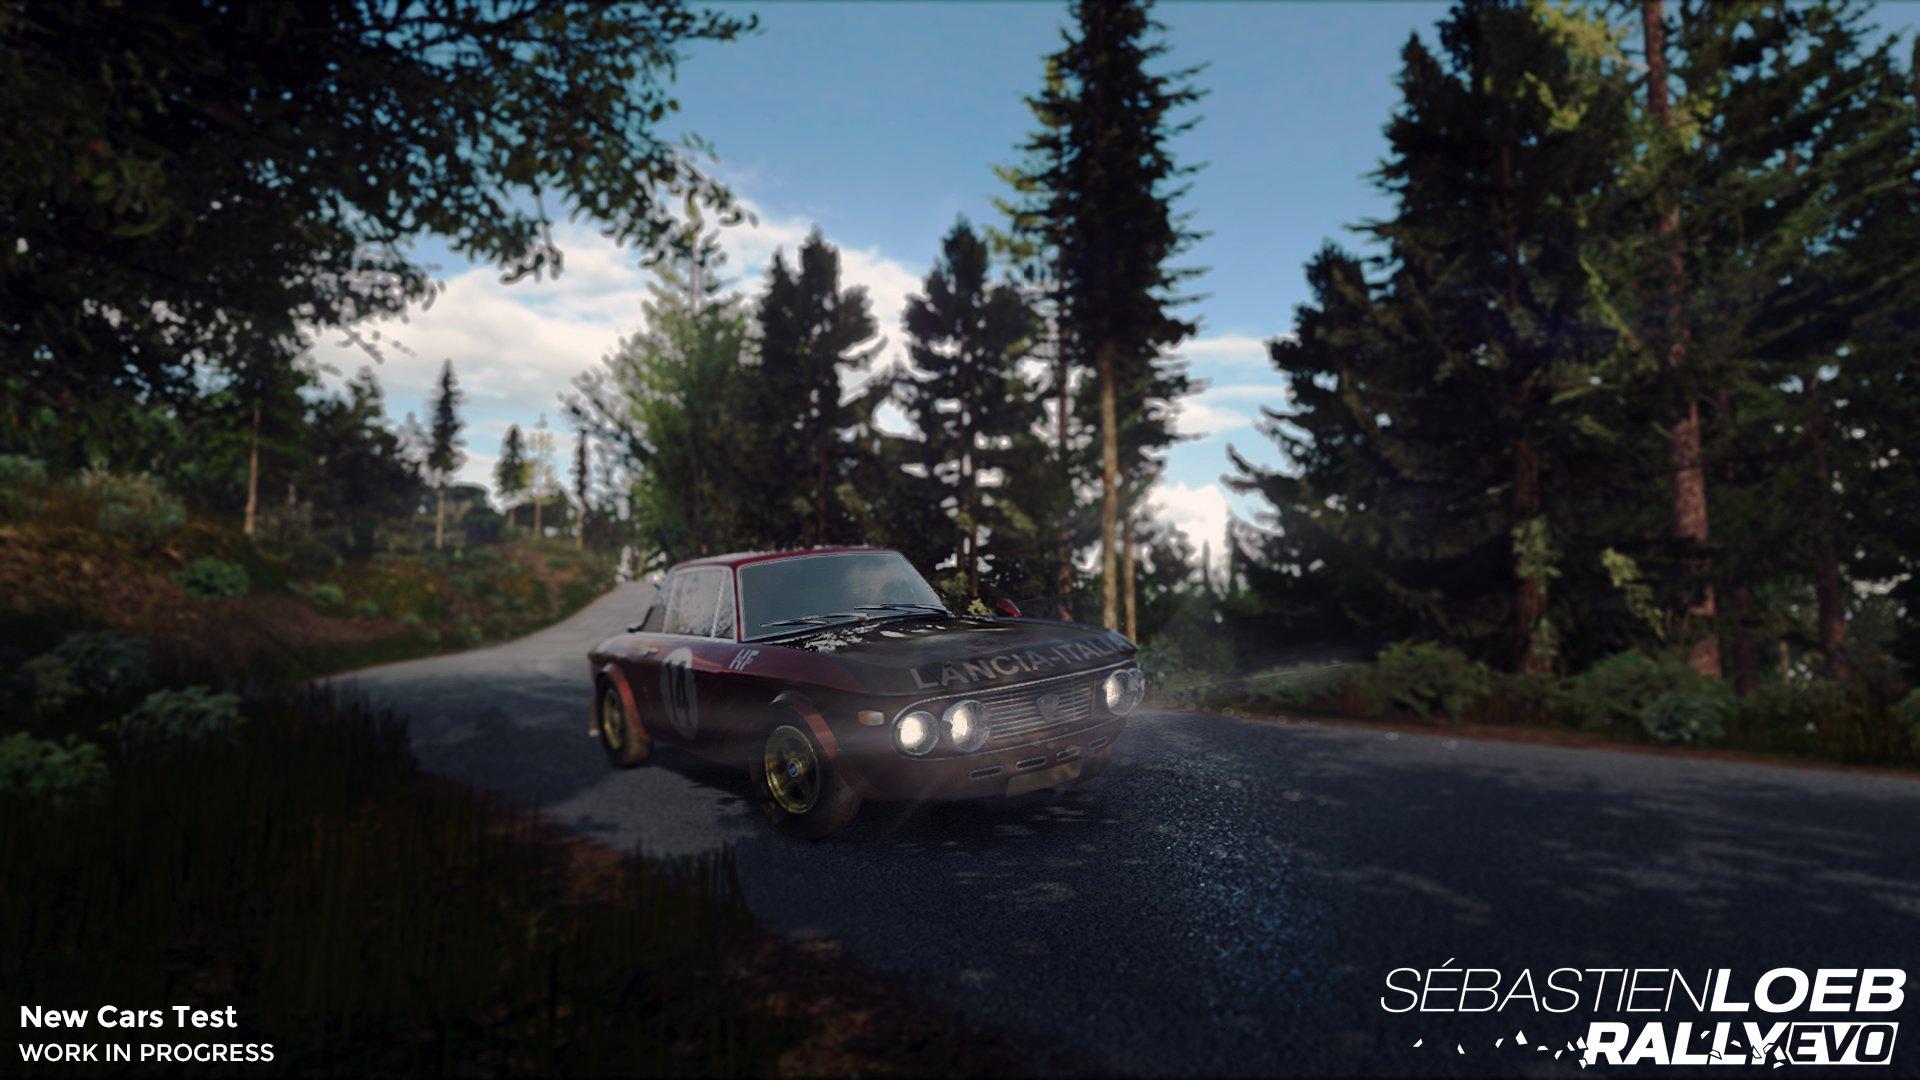 Sébastien Loeb Rally EVO 9